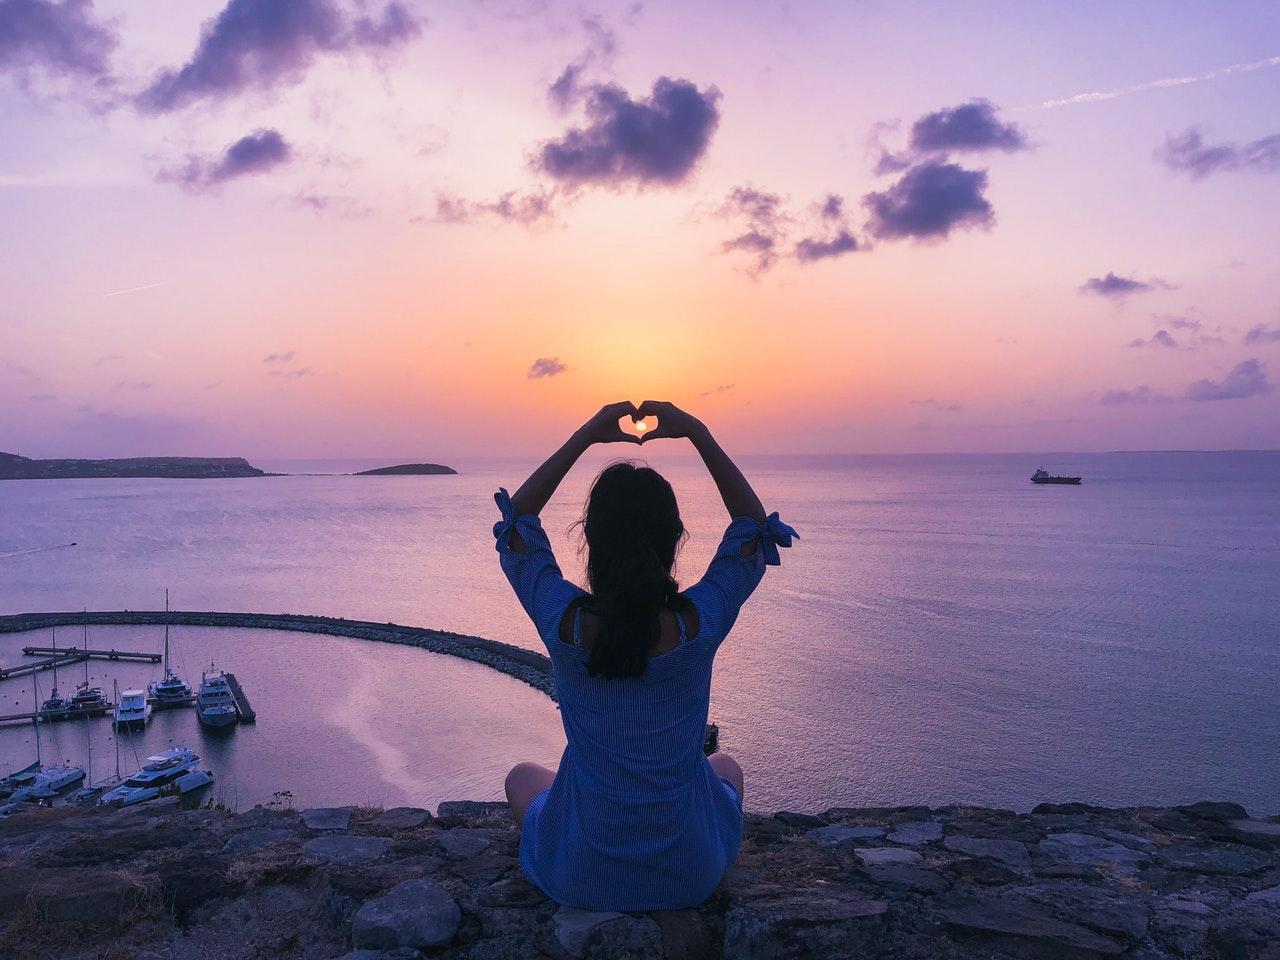 צאקרת הלב תמונת נושא - הכוח של האהבה